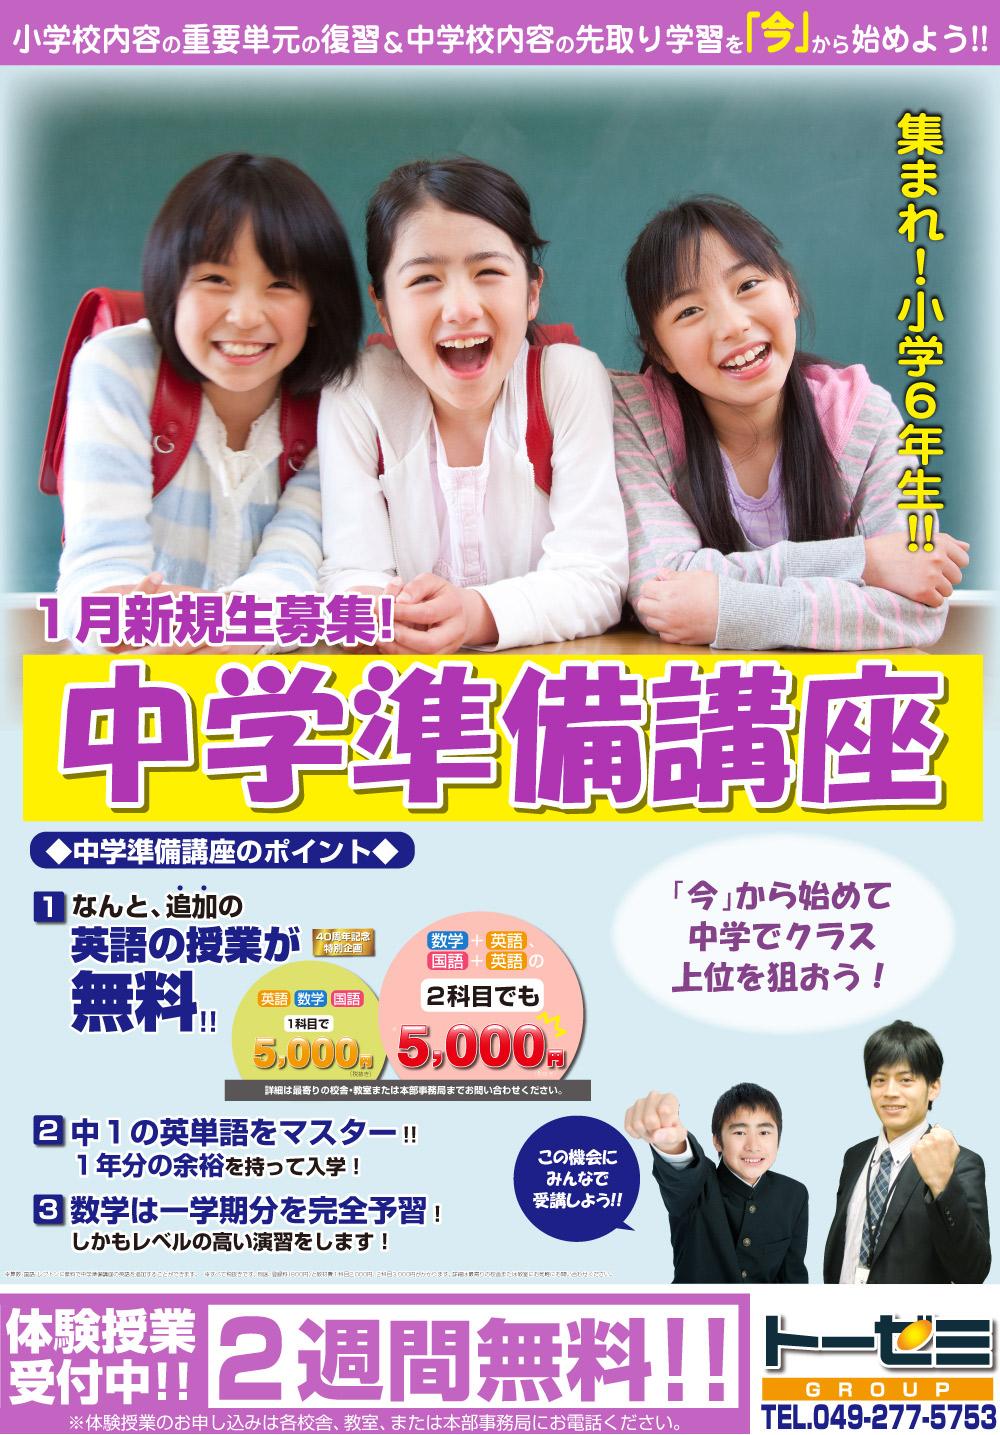 【トーゼミグループ】1月中学準備講座募集中!